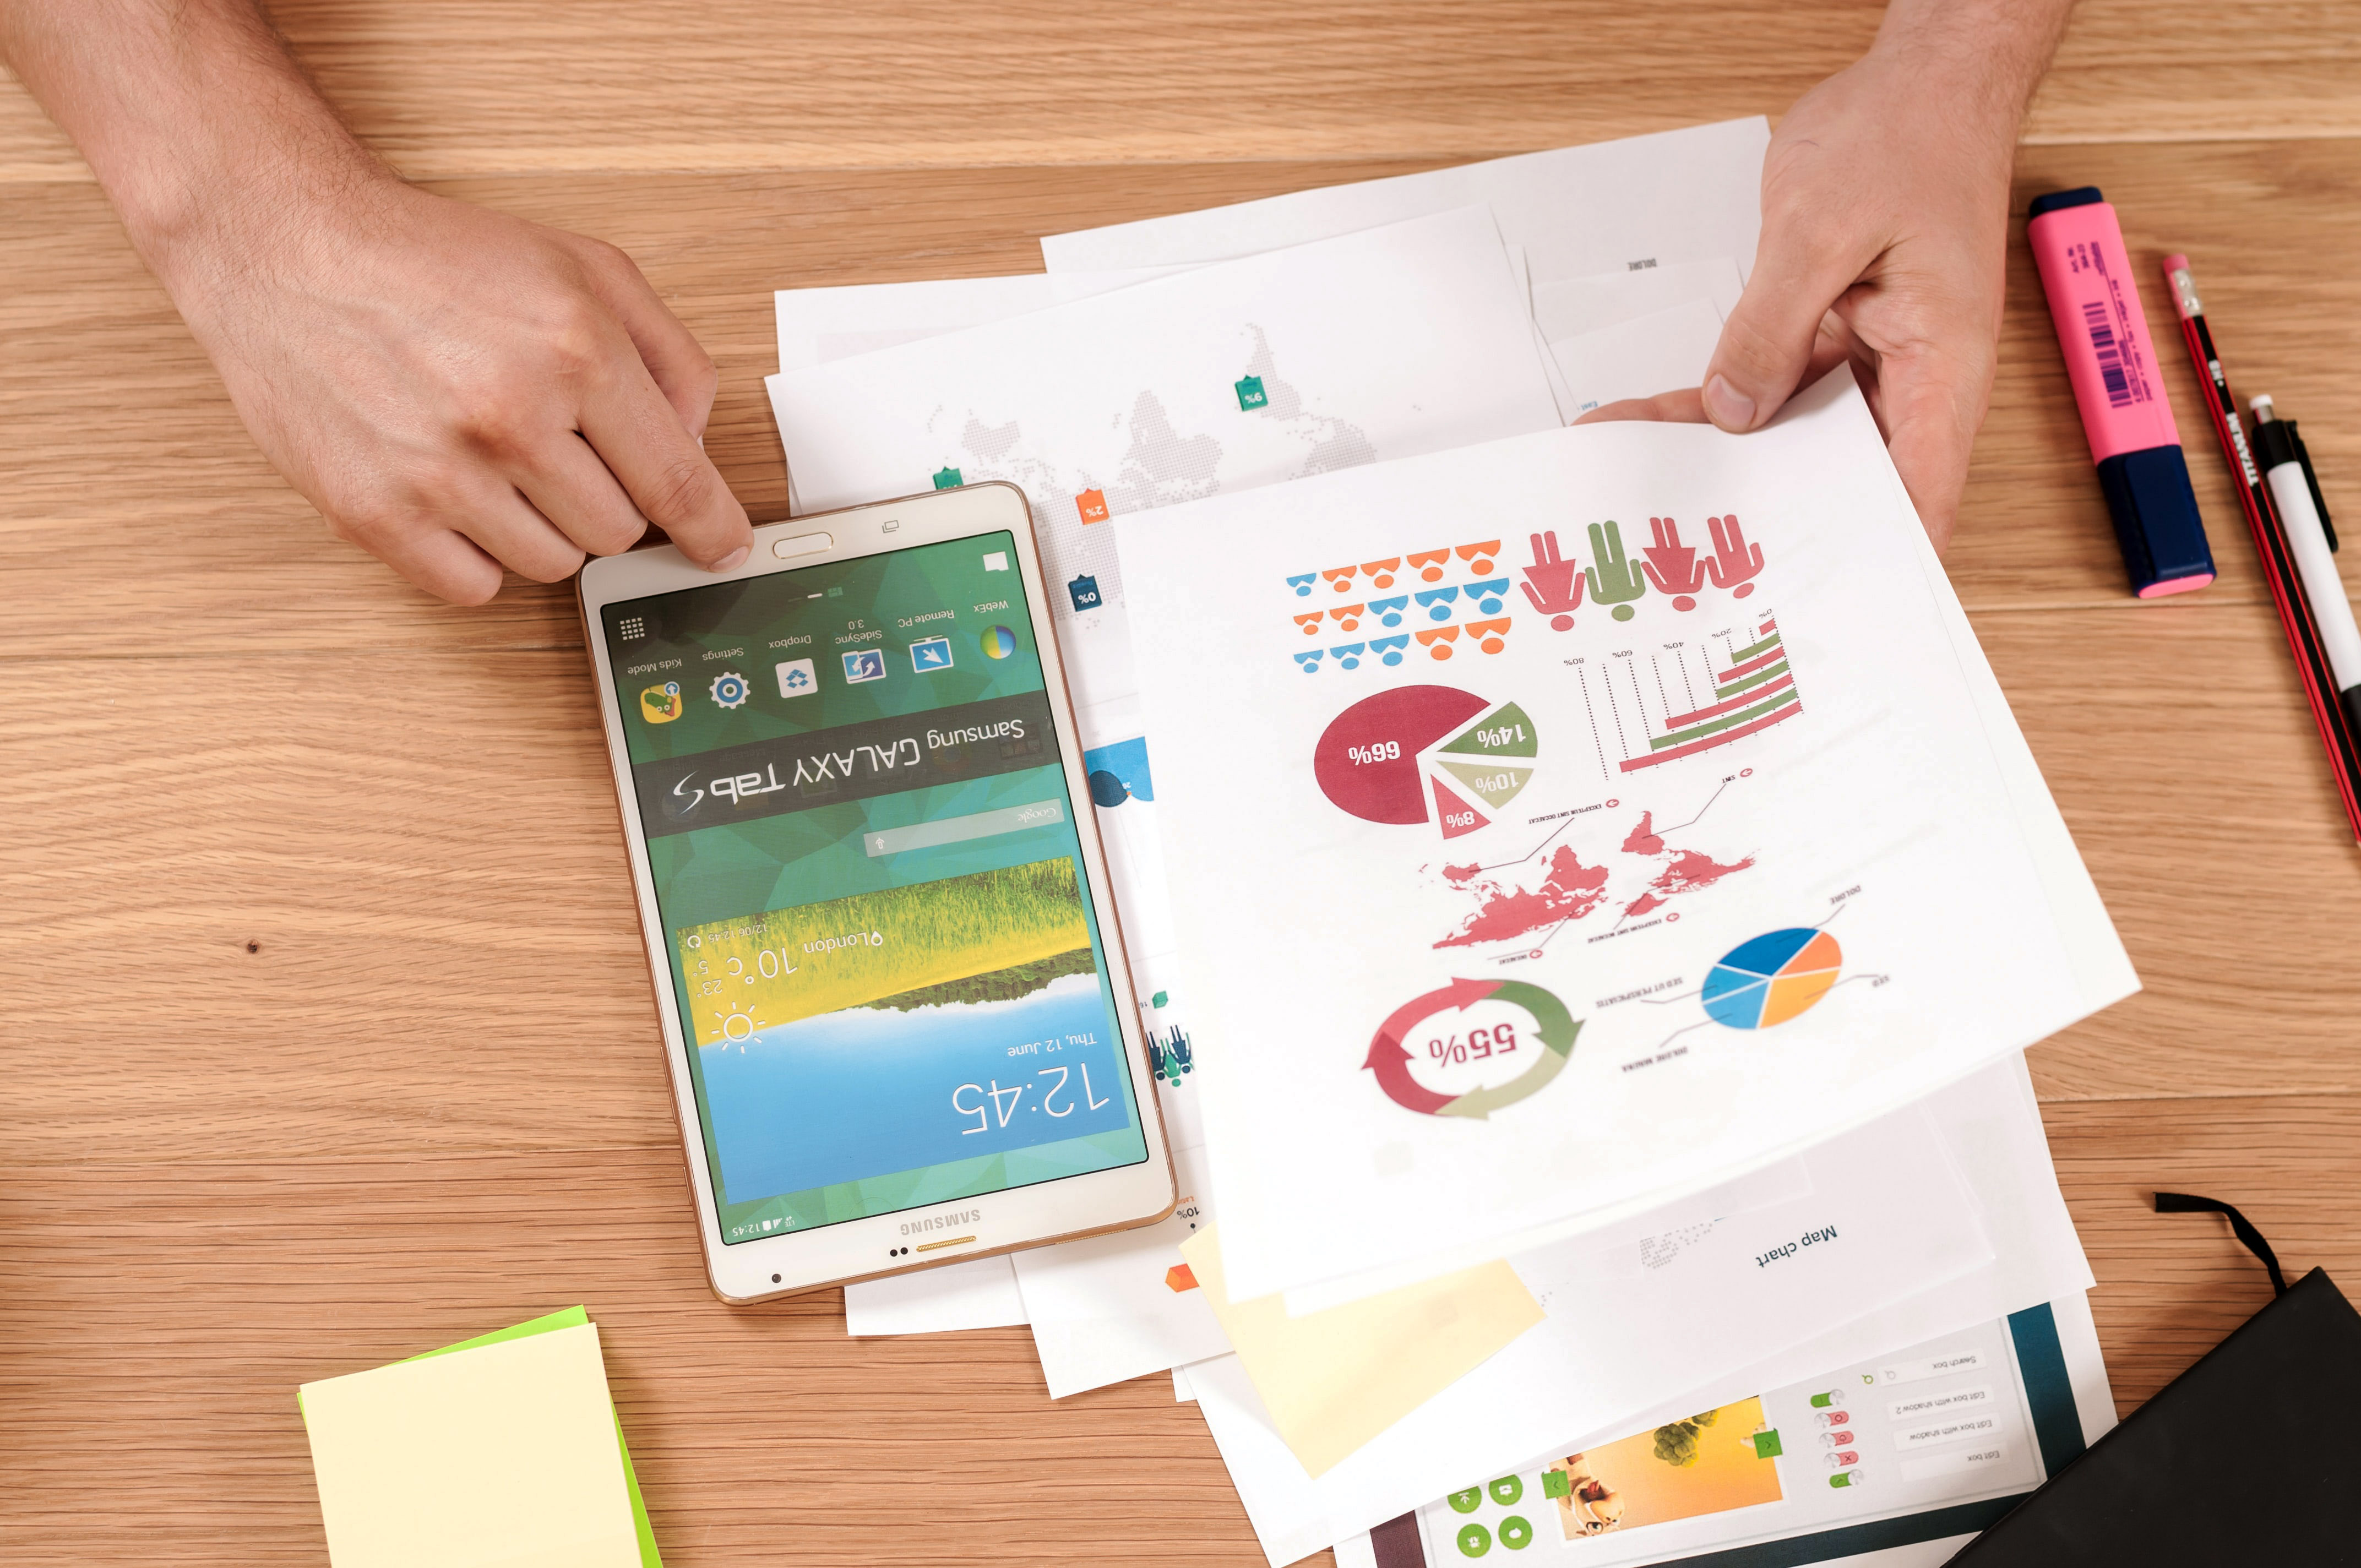 7 Digital Marketing Trends